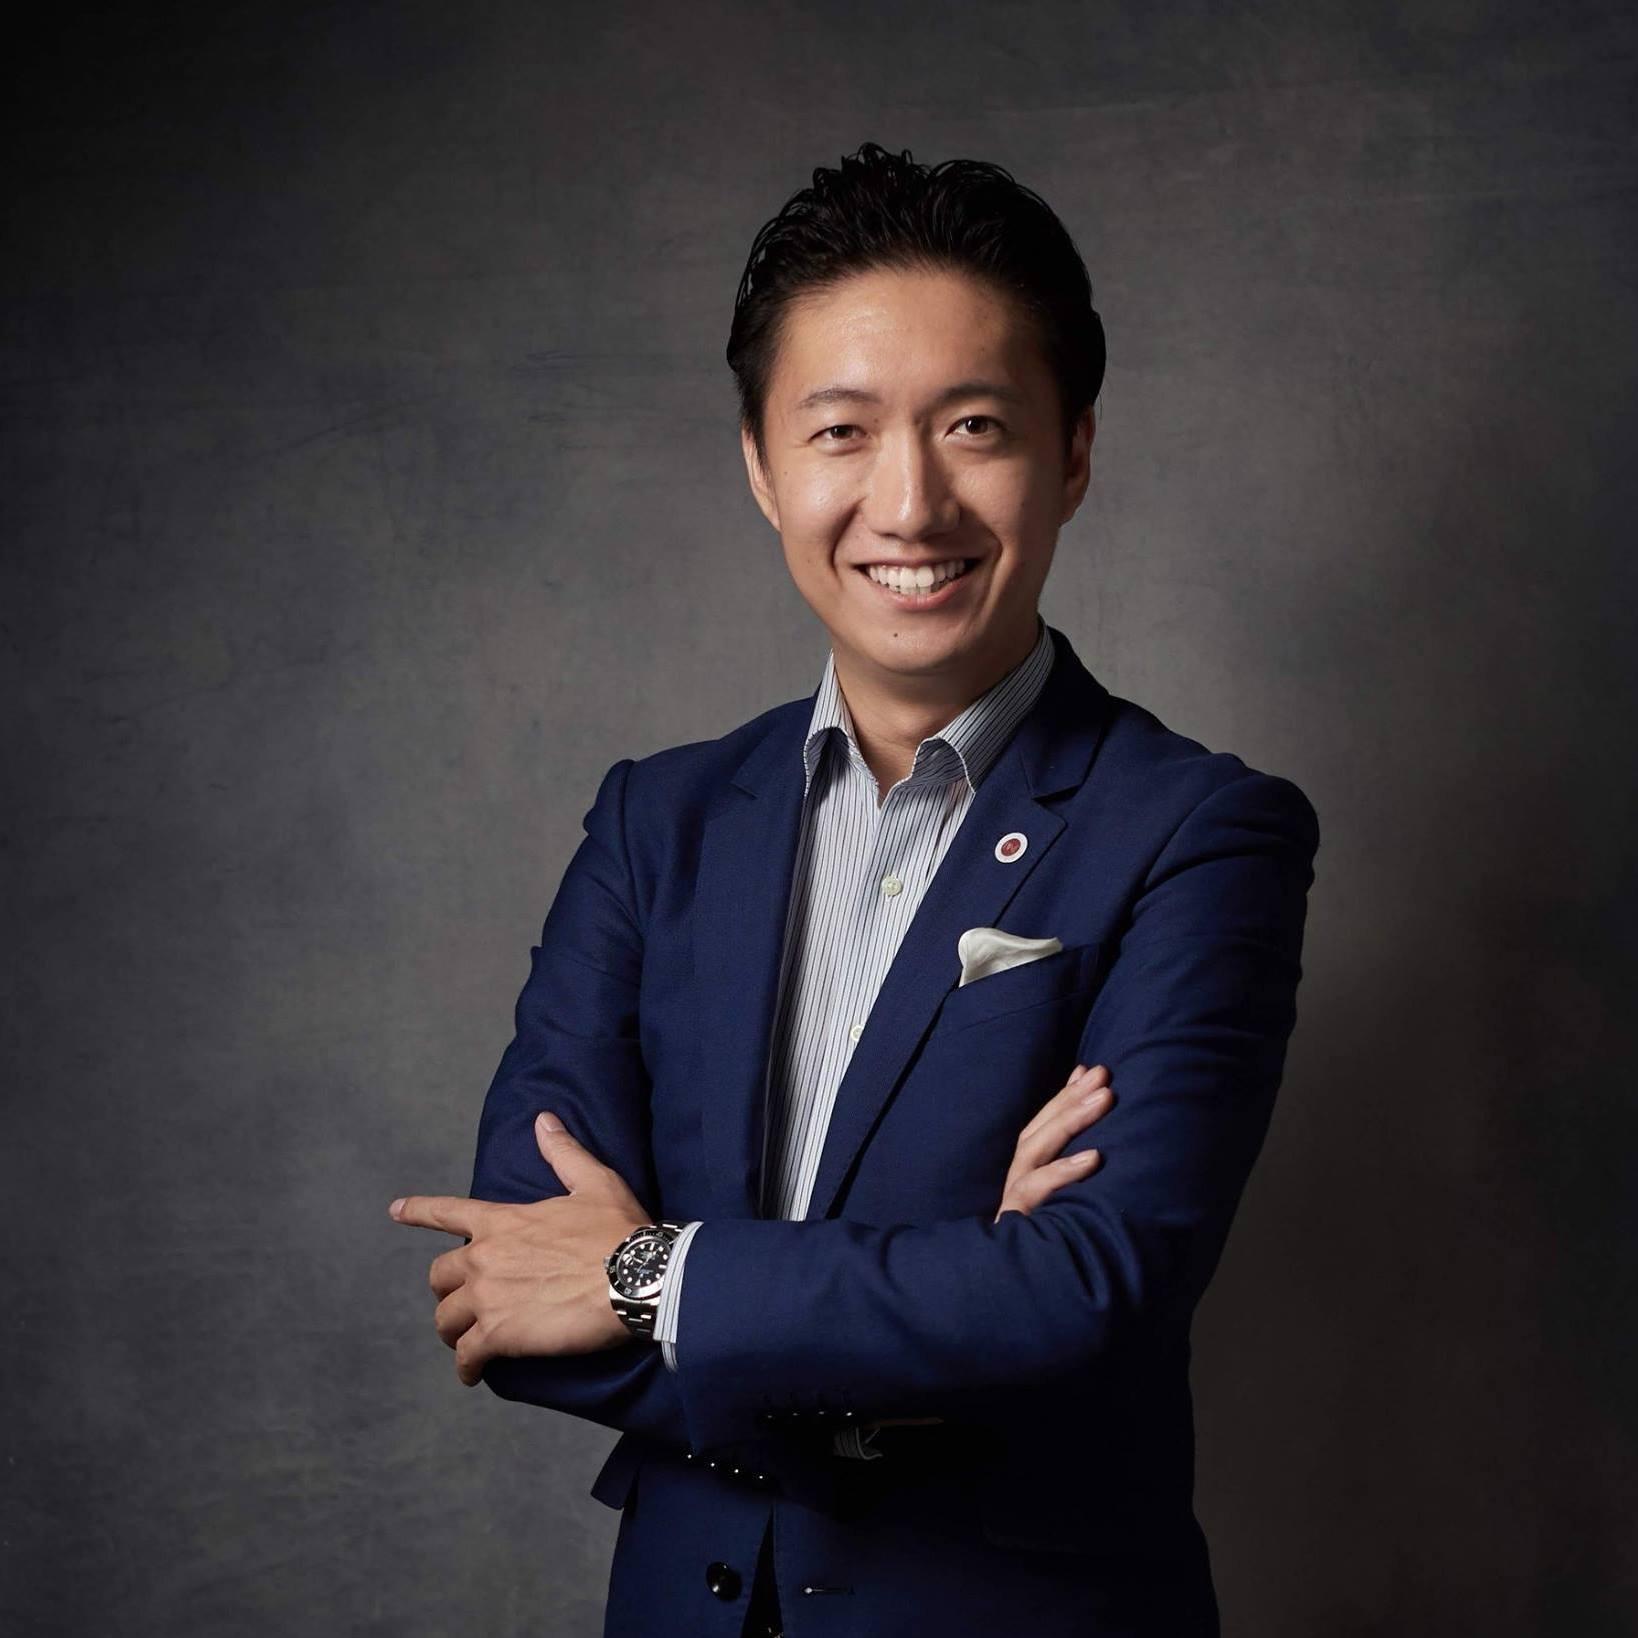 株式会社jinrikisha|代表取締役社長 三澤 貴紀